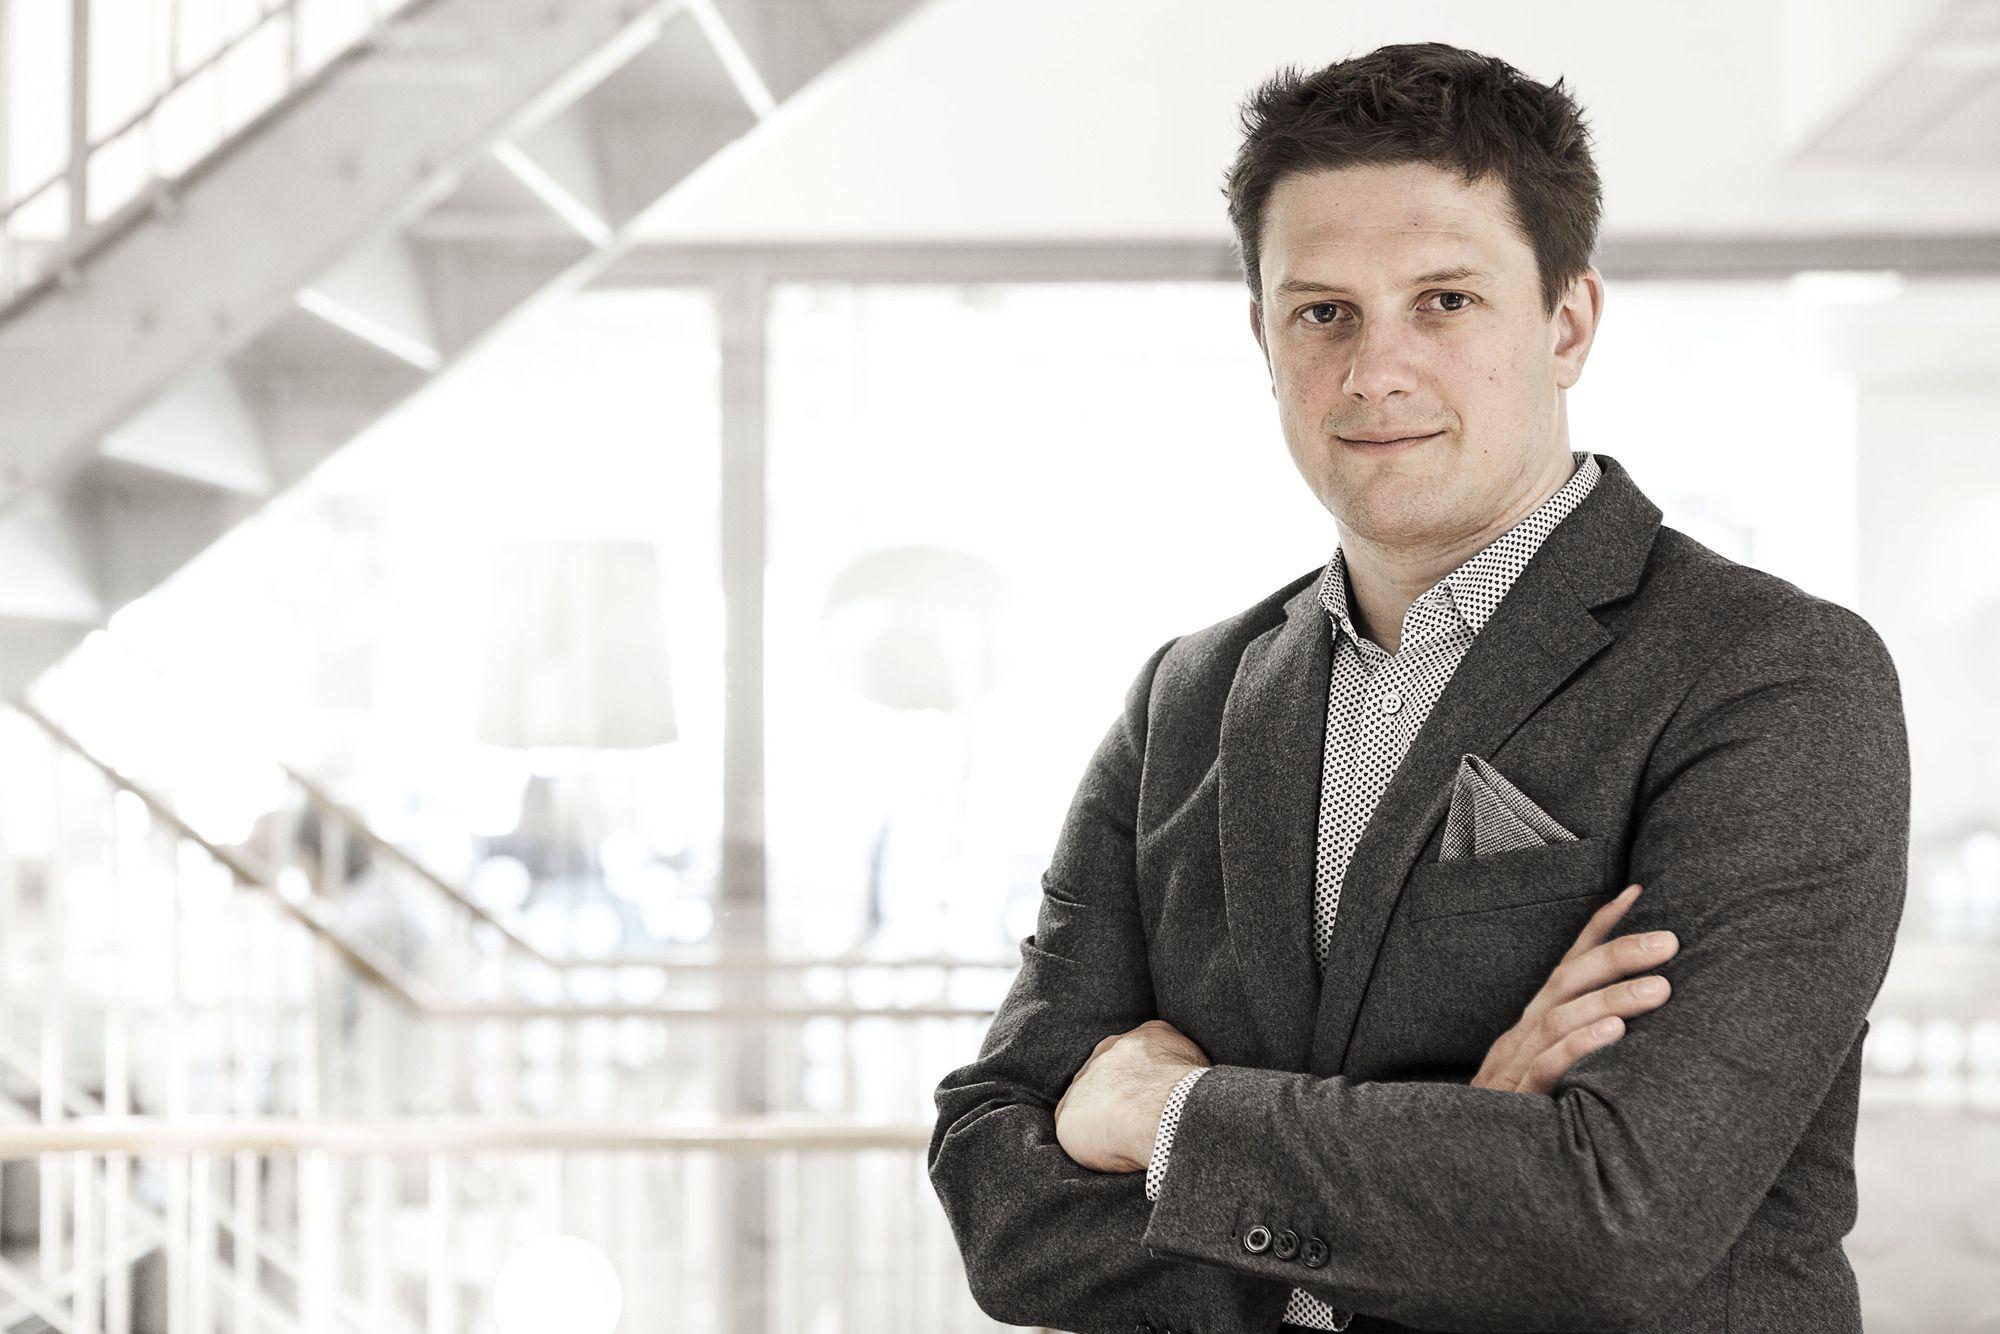 BBC Three boss wants to 'nurture' talent